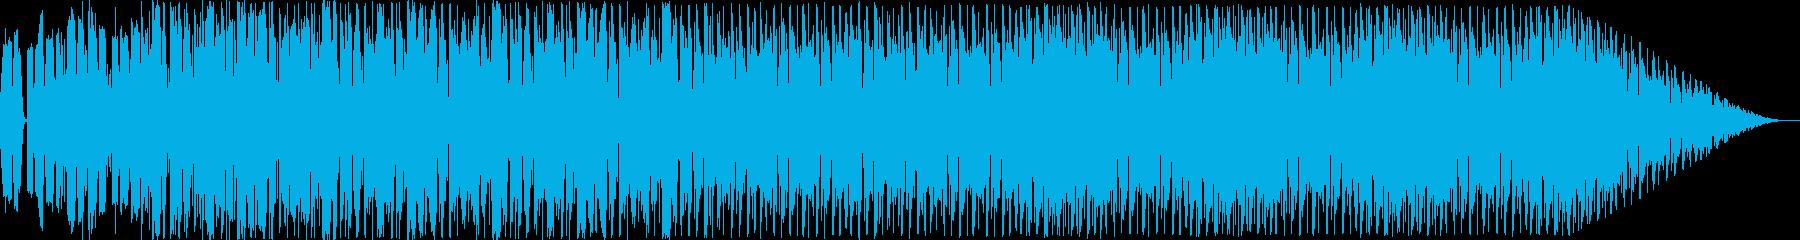 疾走感のあるかっこいいテクノ音楽の再生済みの波形